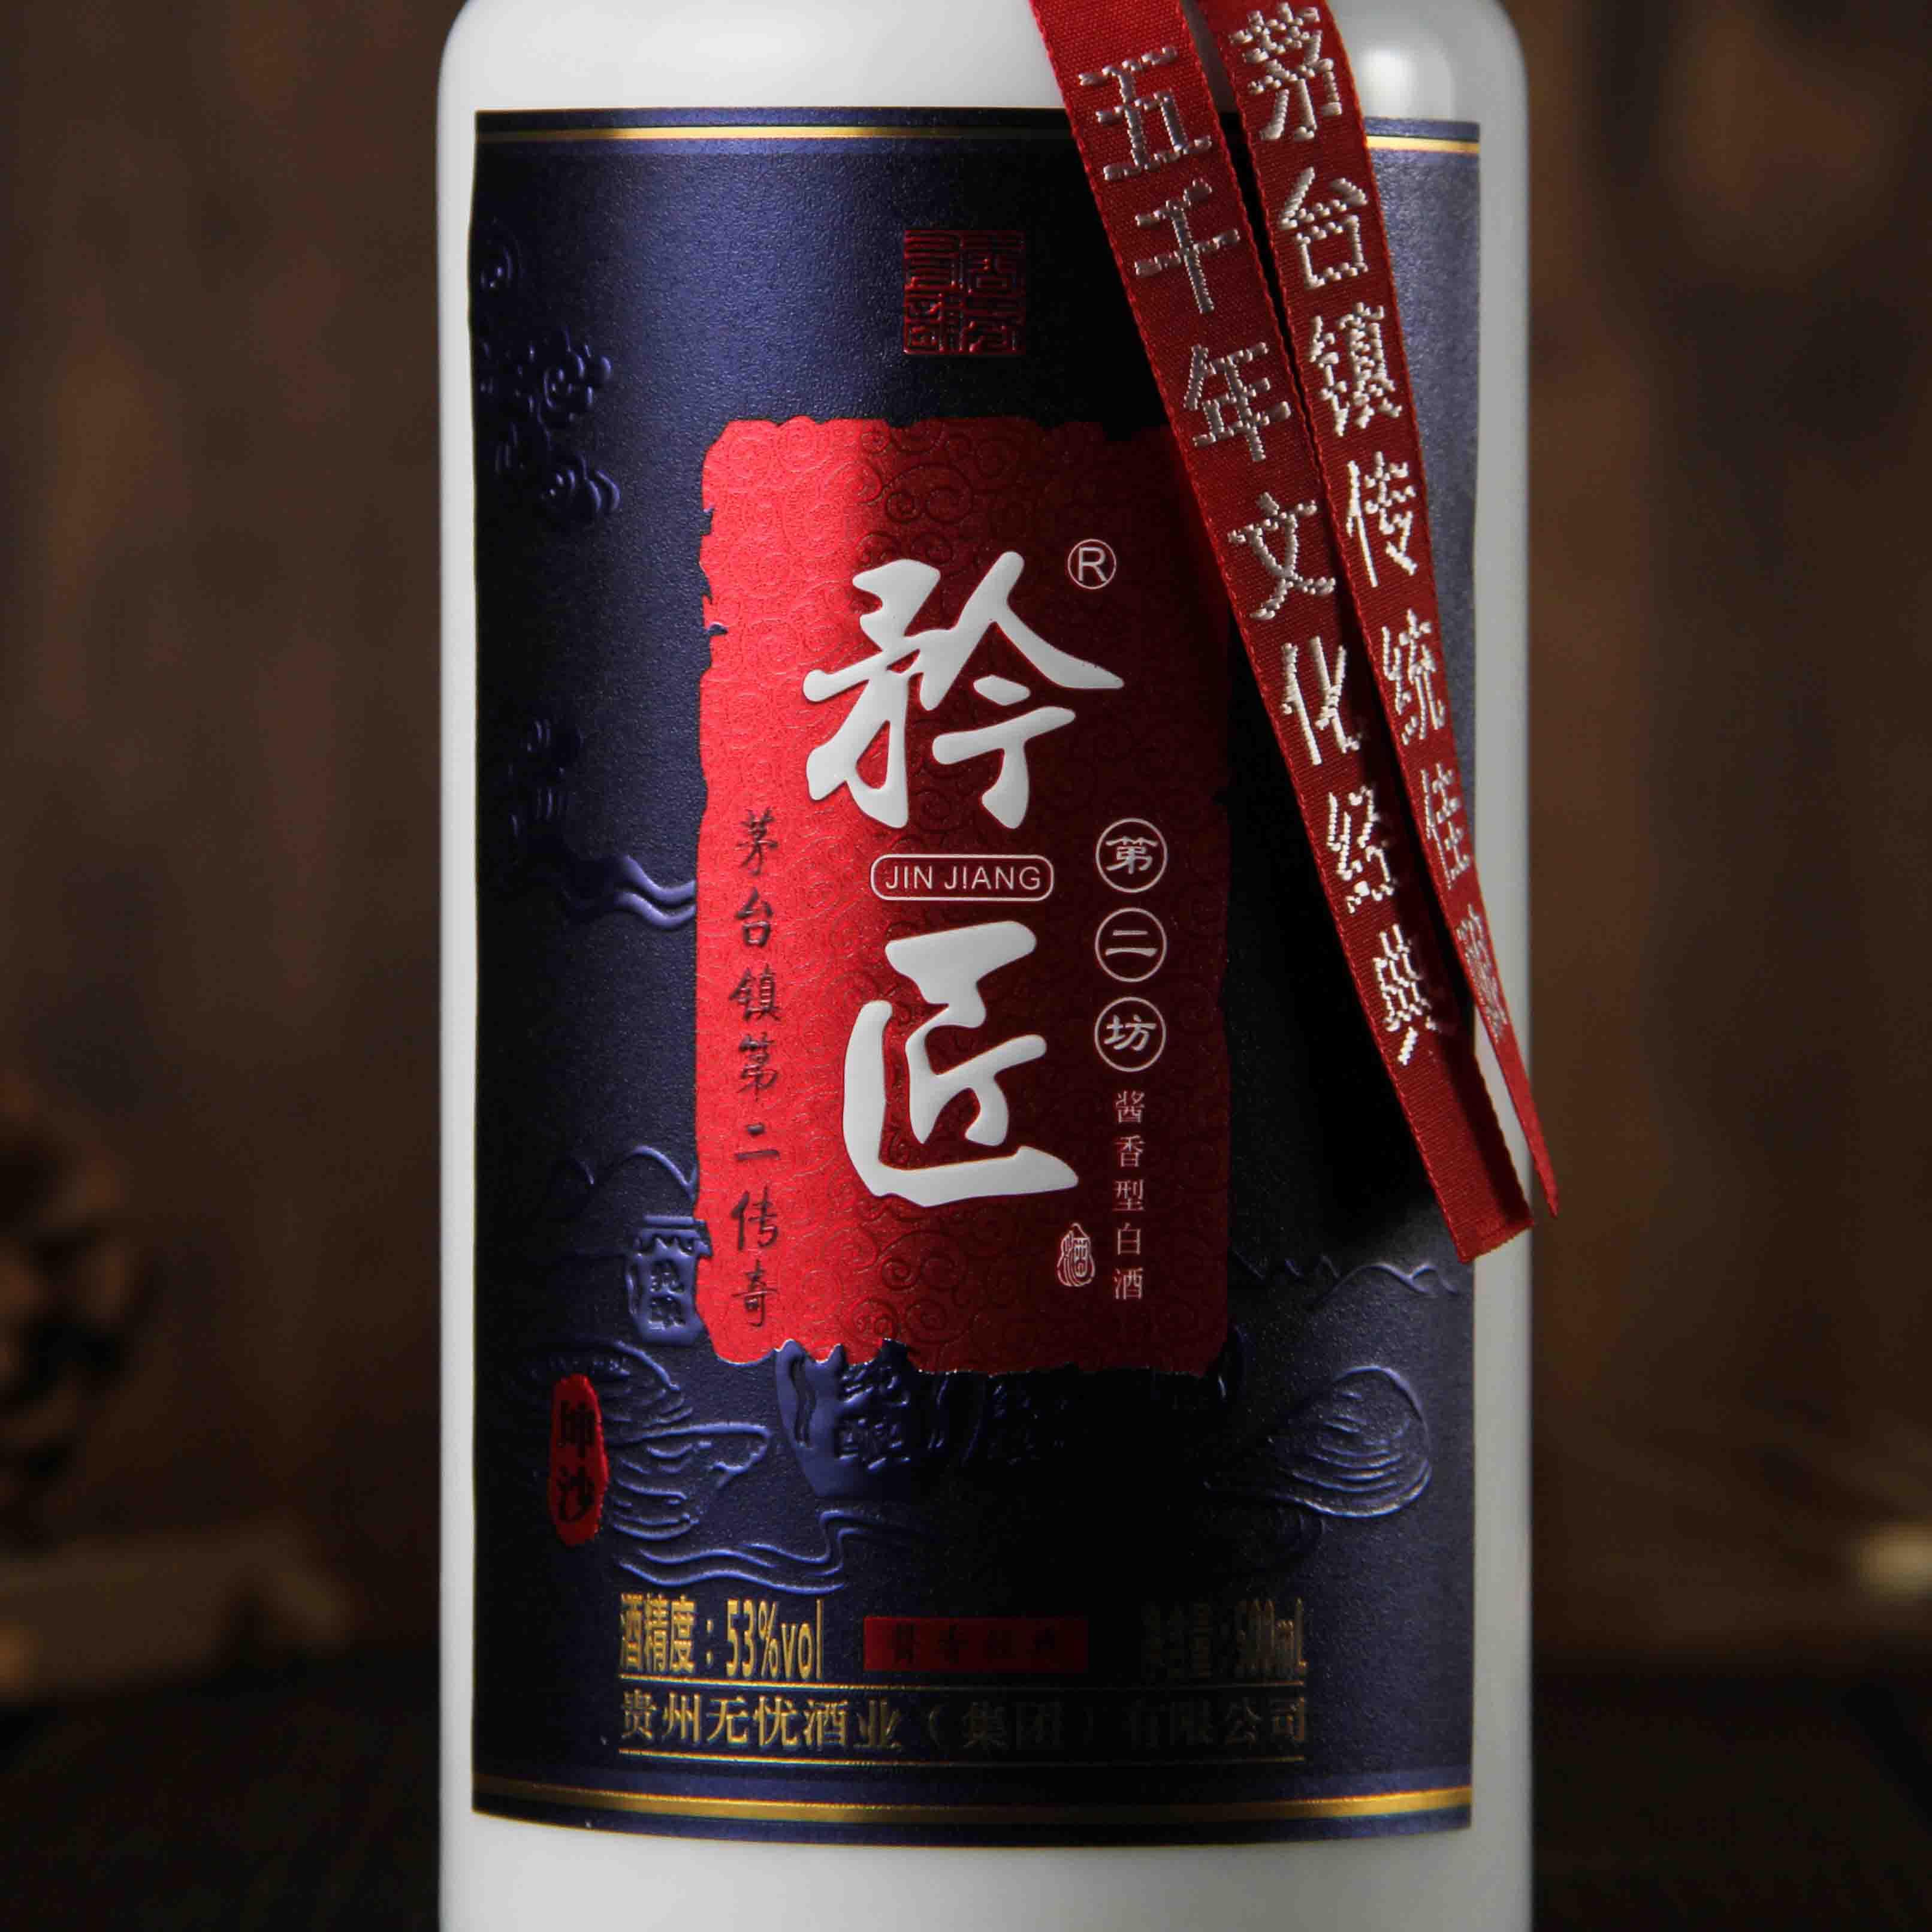 中國 貴州茅臺鎮矜匠第二坊醬香型白酒